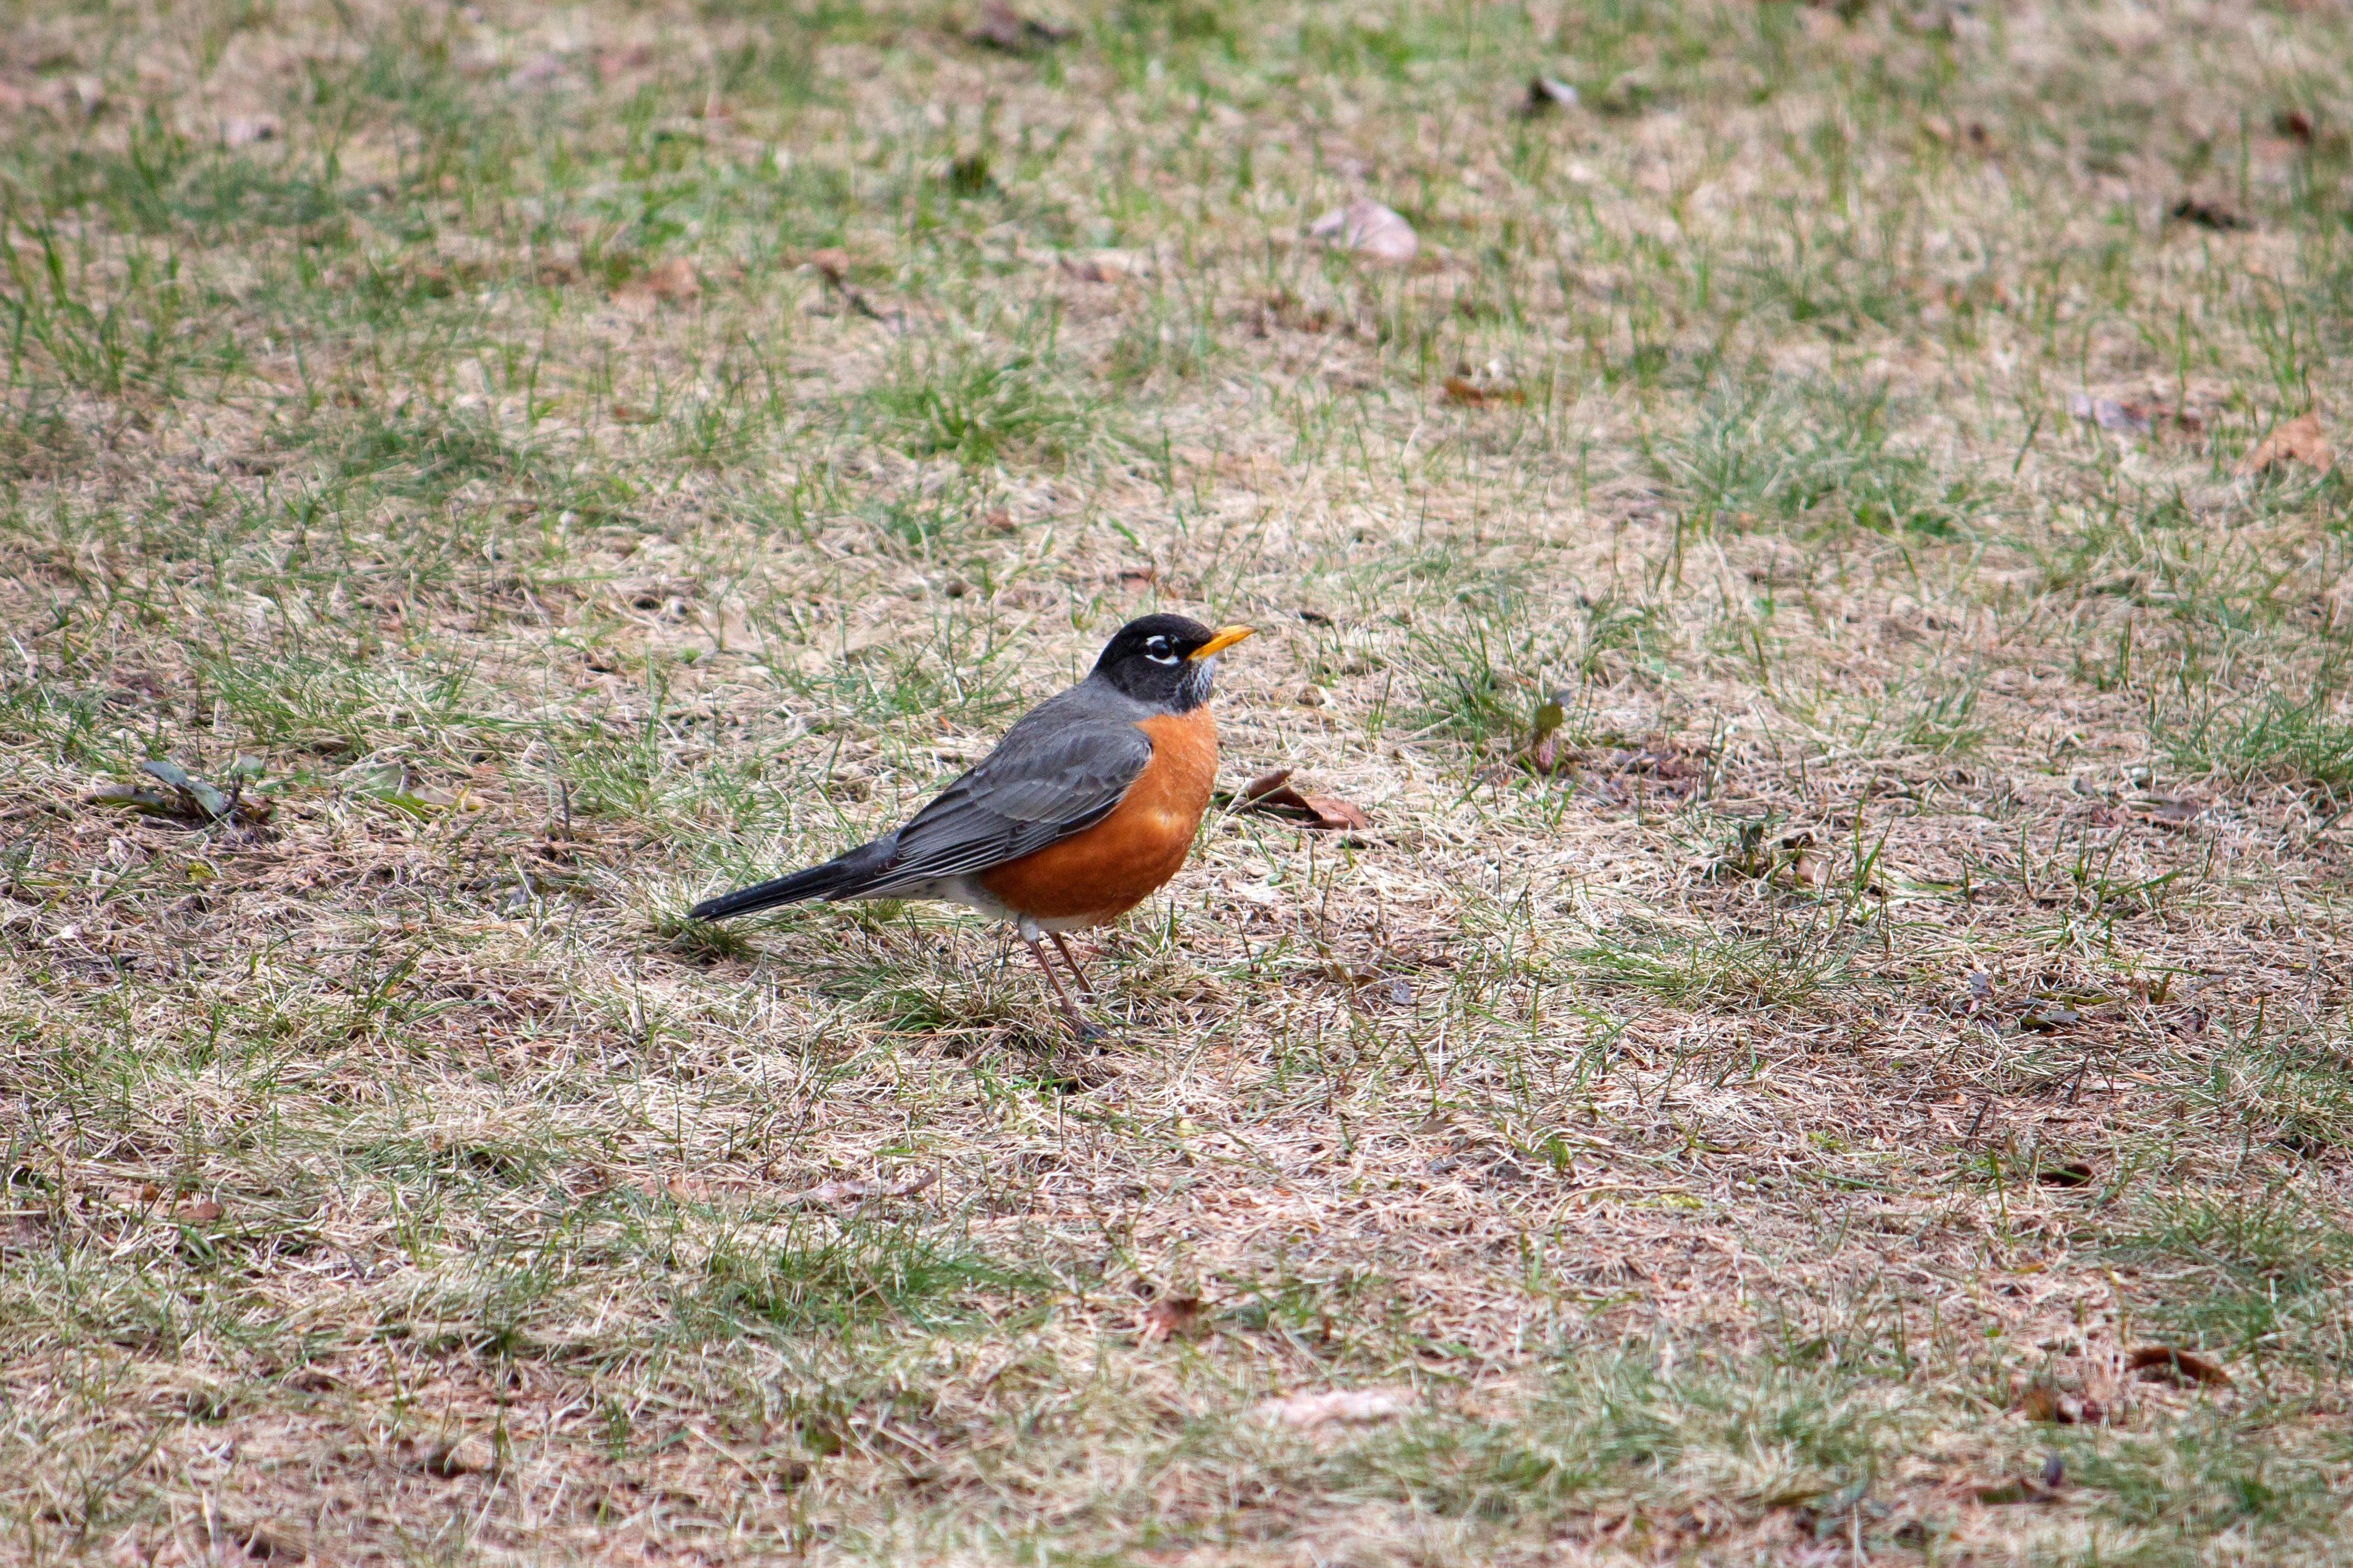 フリー写真画像 オレンジ色の鳥地面短い草鳥草動物